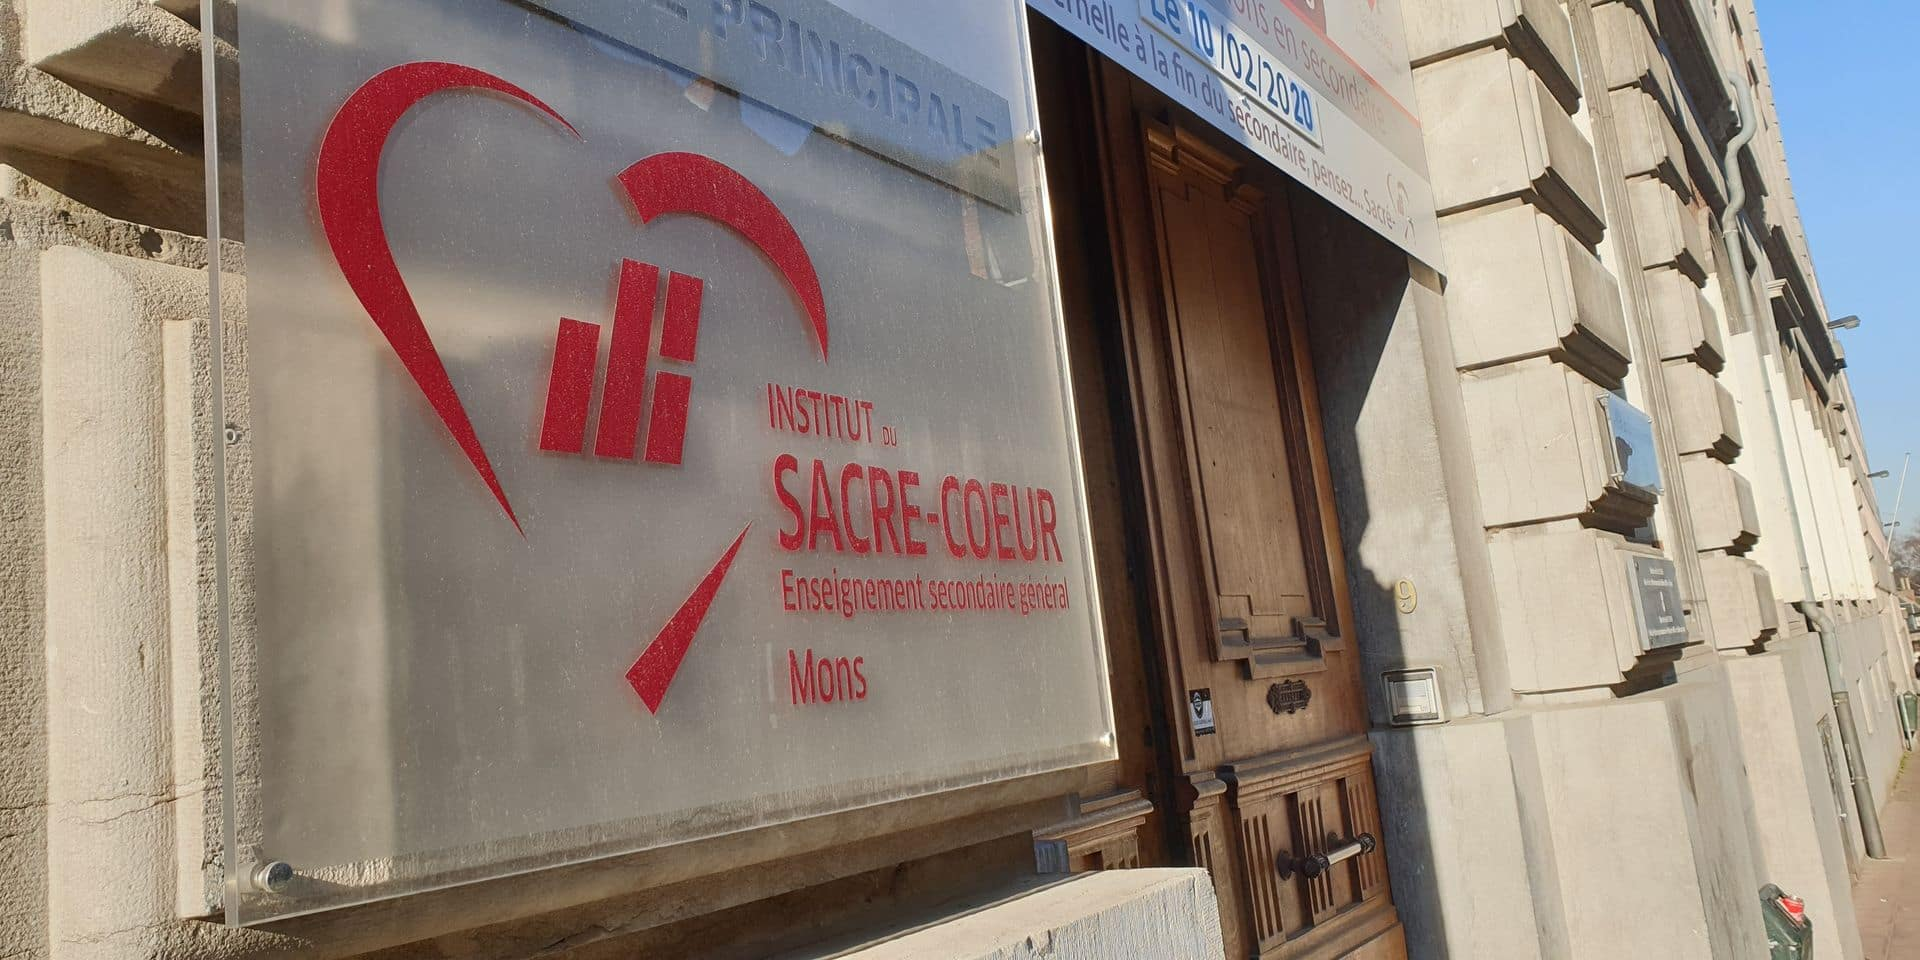 Huissier et policiers au Sacré-Coeur de Mons: la direction invoque des mesures de prévention et de sécurisation